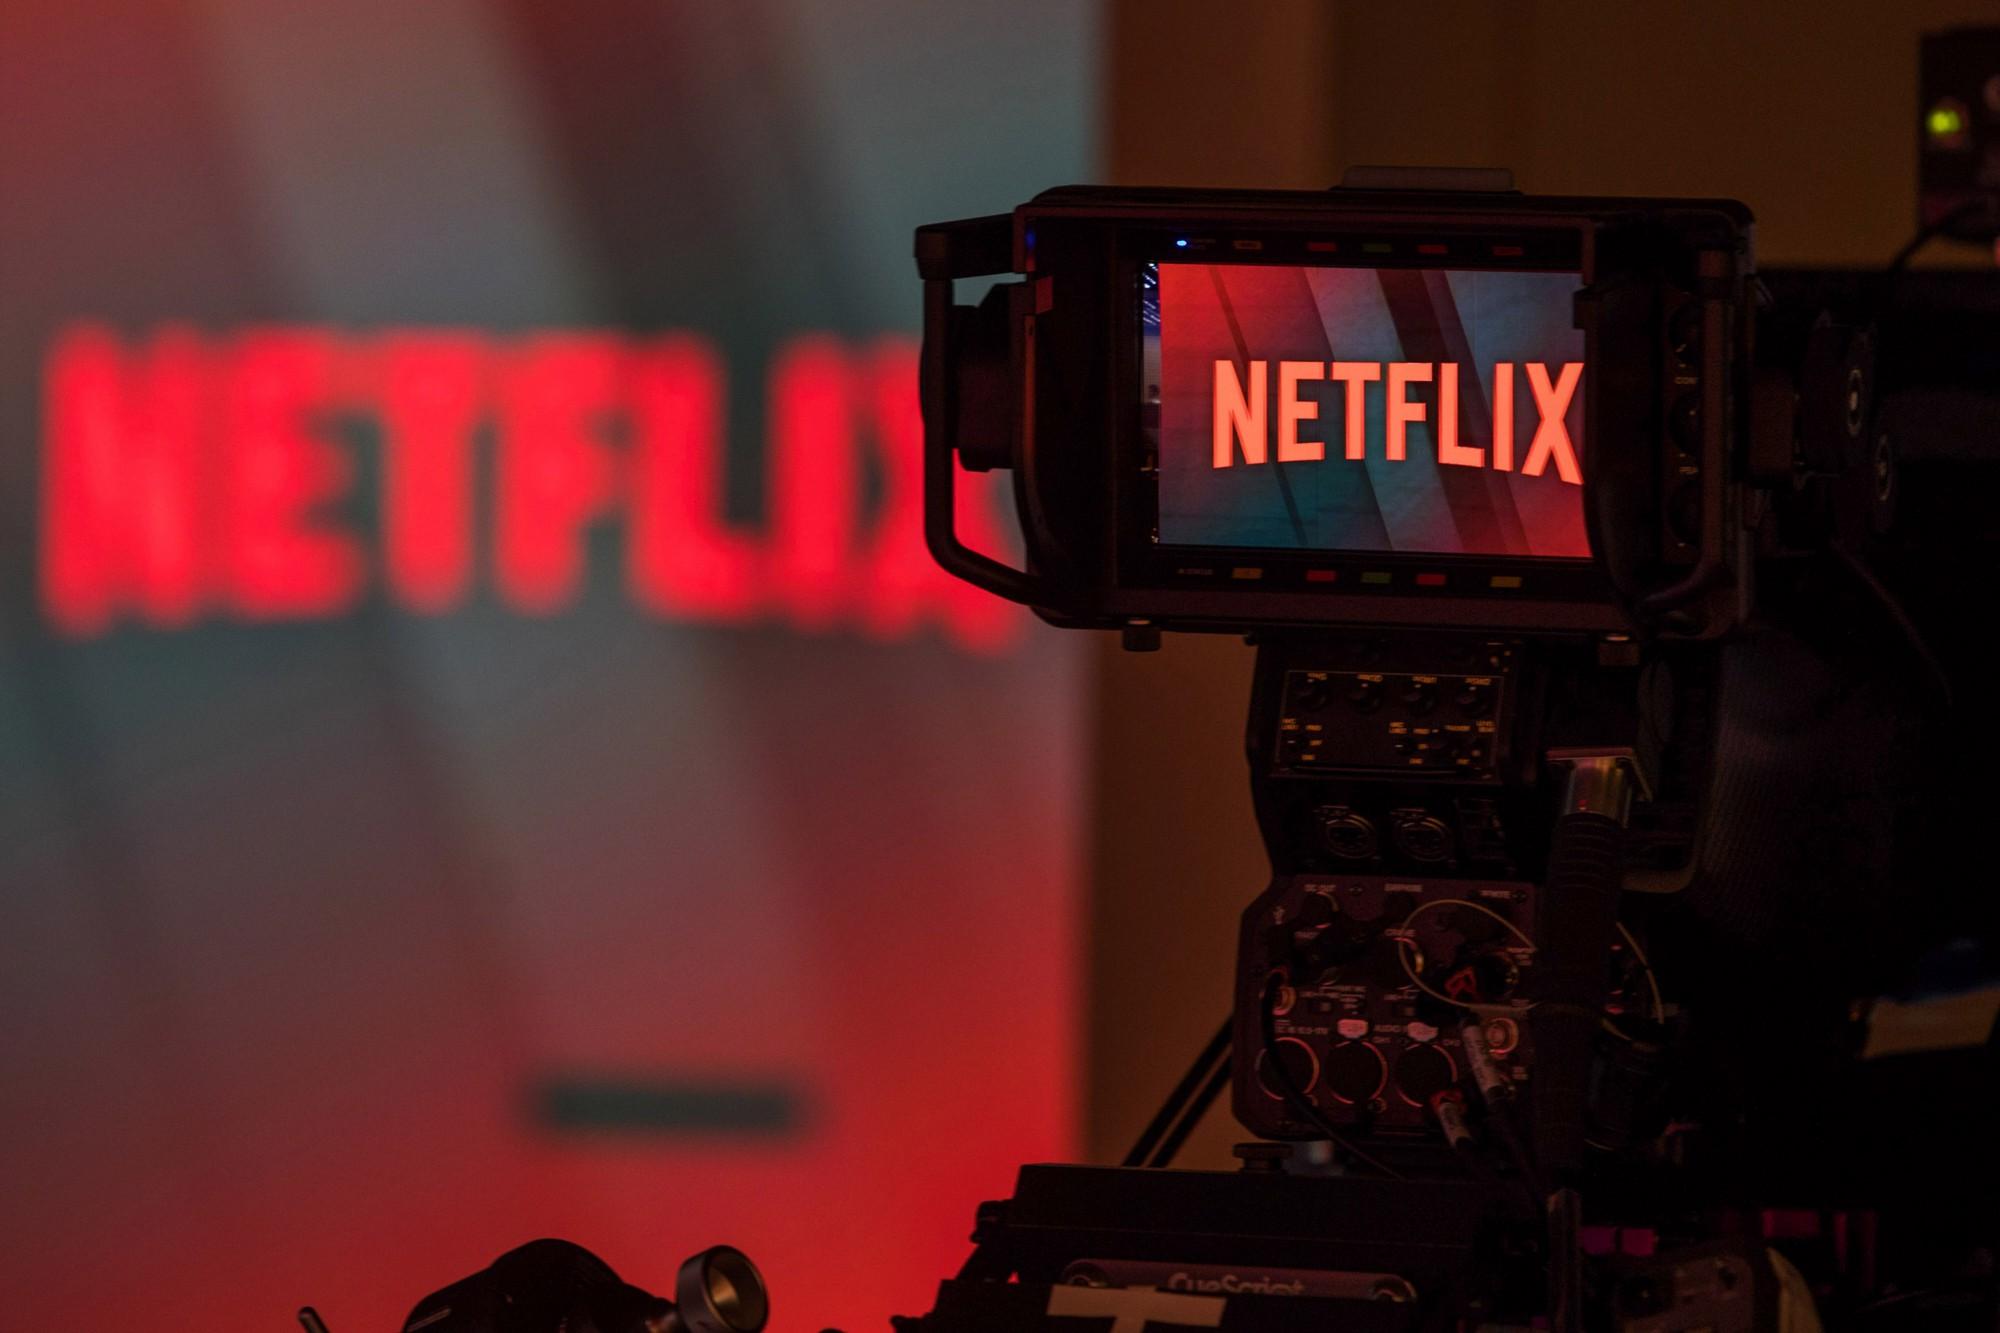 Netflix vs SACBW and DSTV